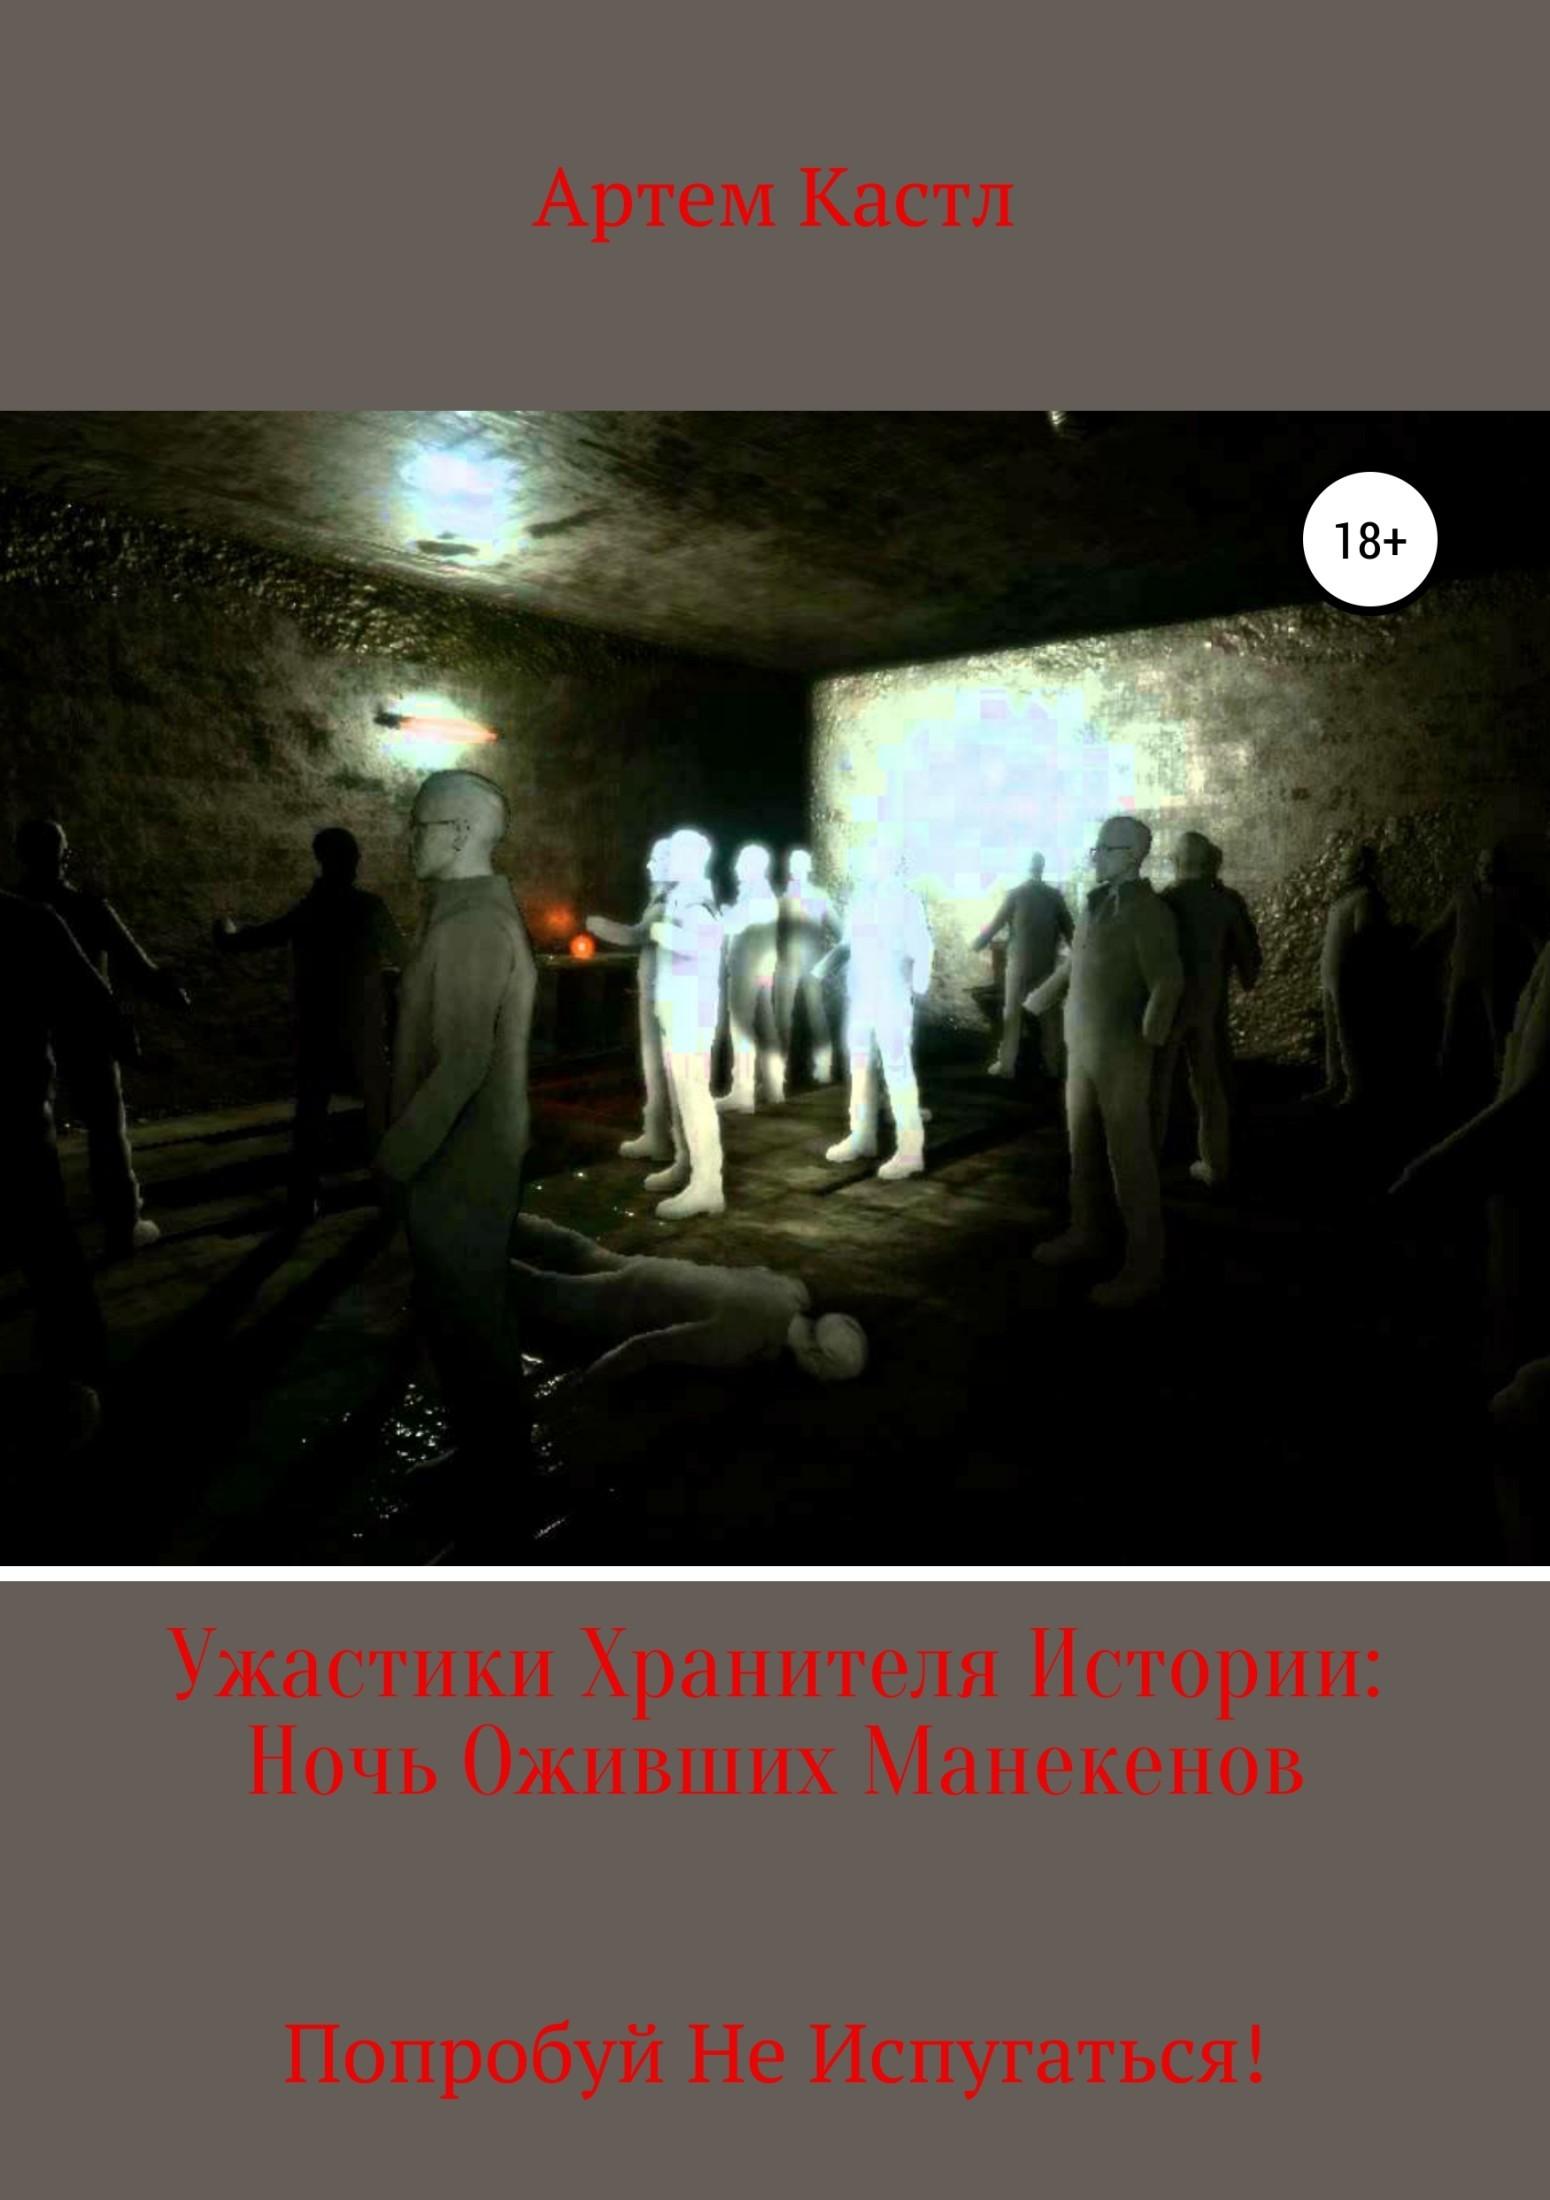 Артем Кастл Ужастики Хранителя истории: Ночь оживших манекенов